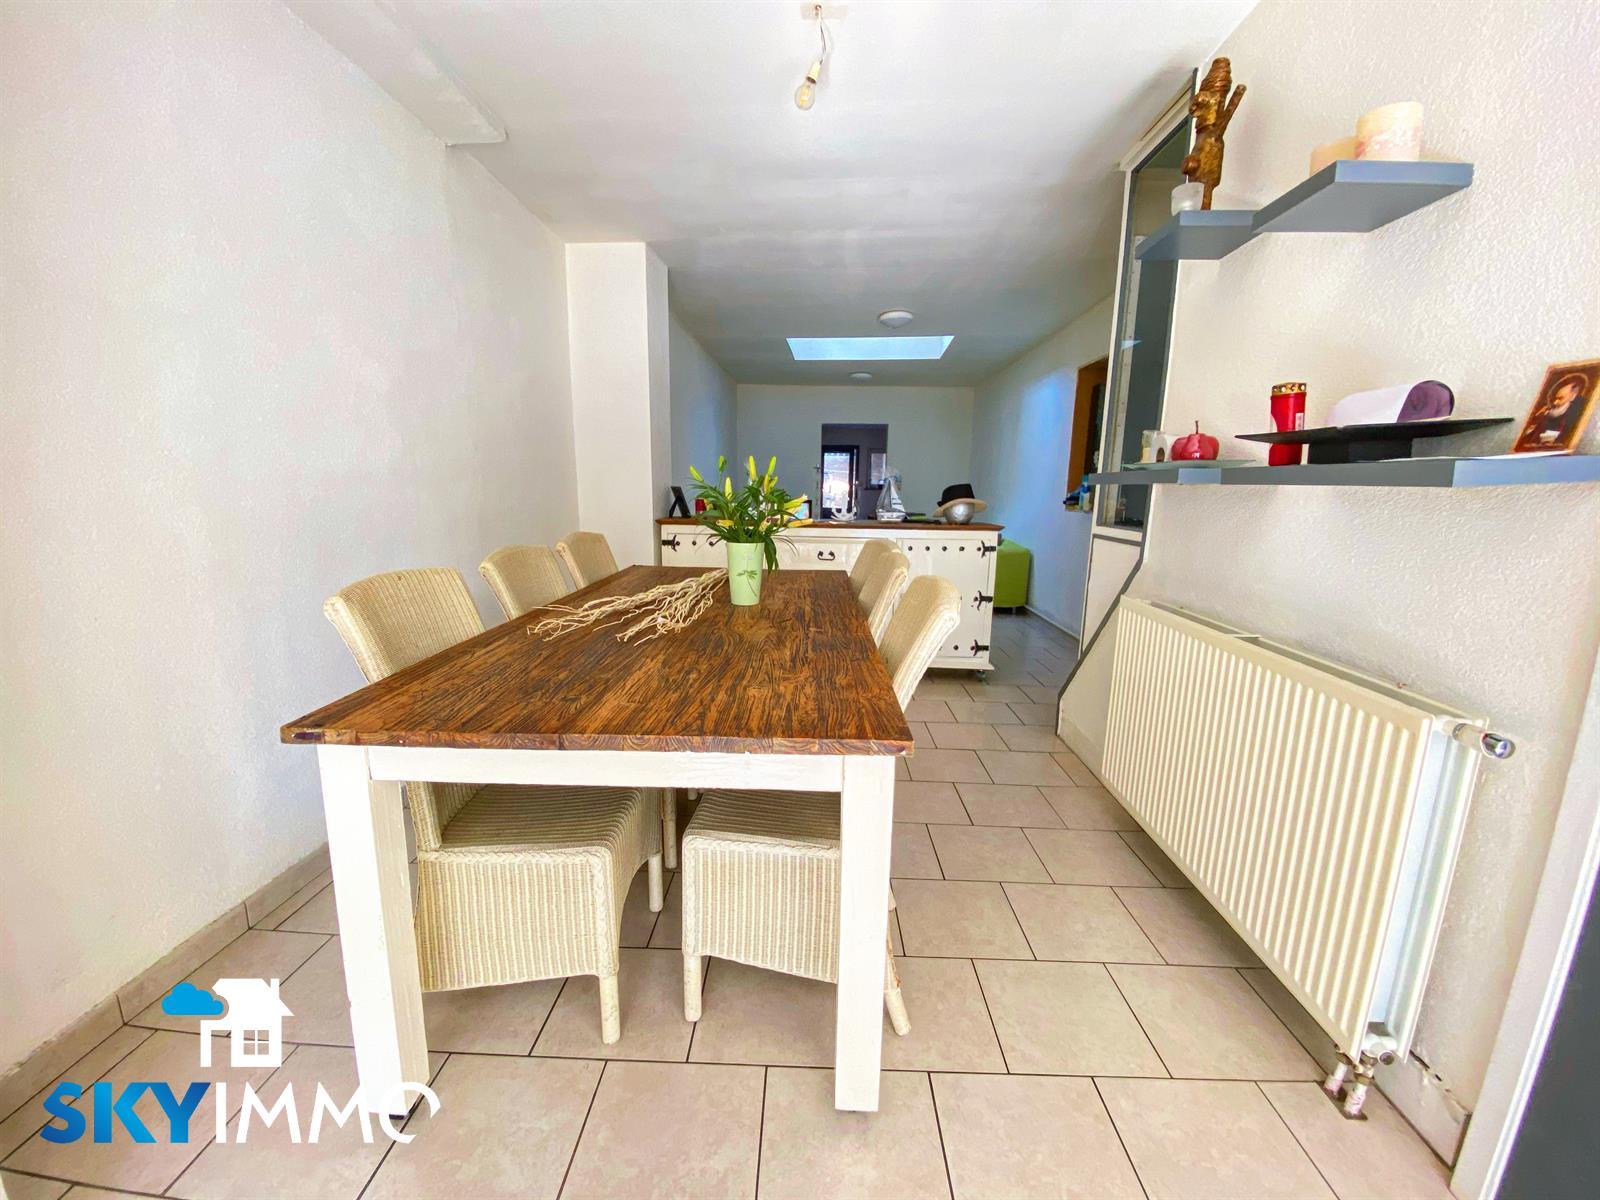 Maison - Seraing - #4325764-3